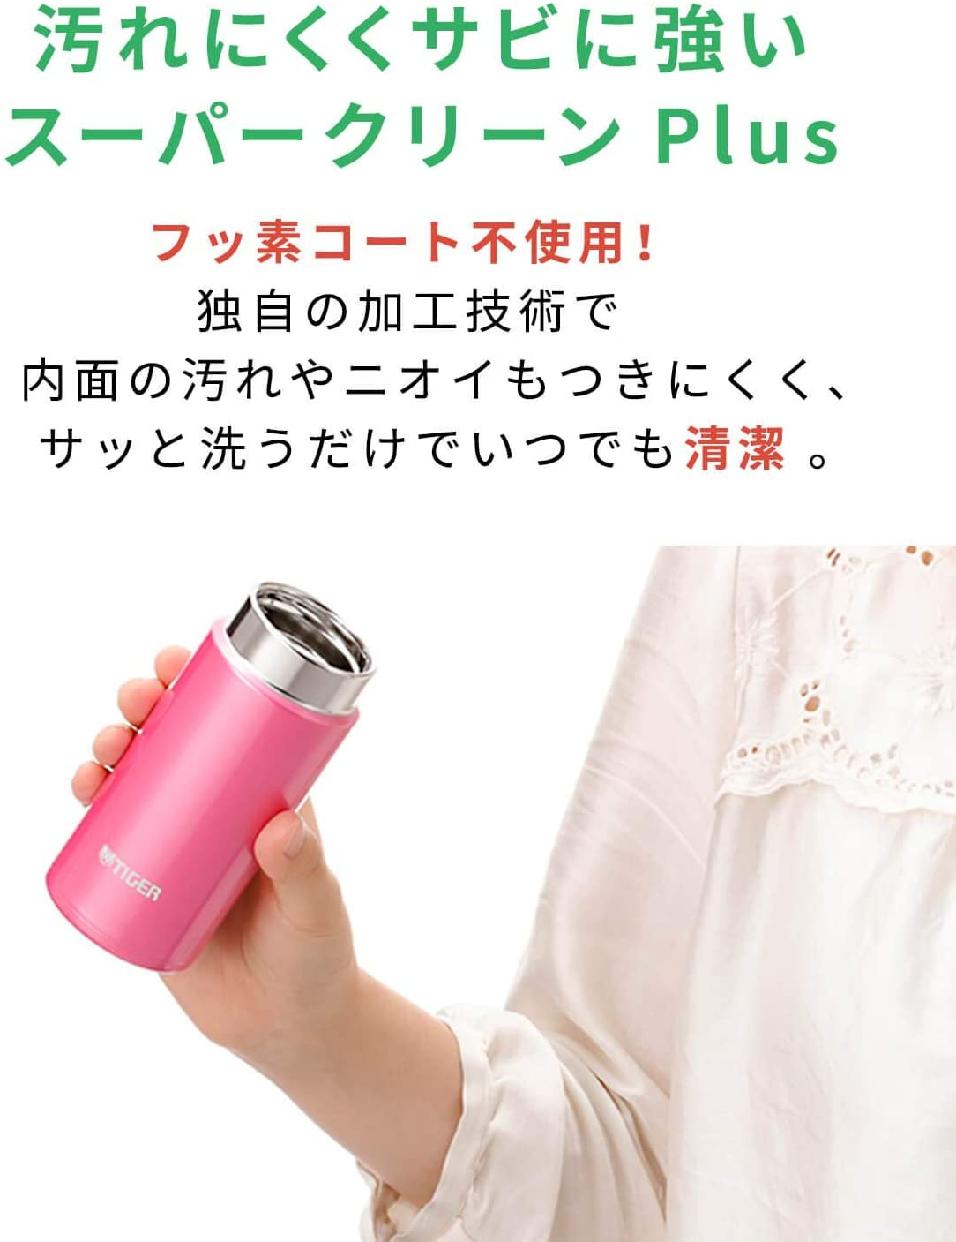 タイガー魔法瓶(たいがーまほうびん)ステンレスミニボトル MMP-J020の商品画像5